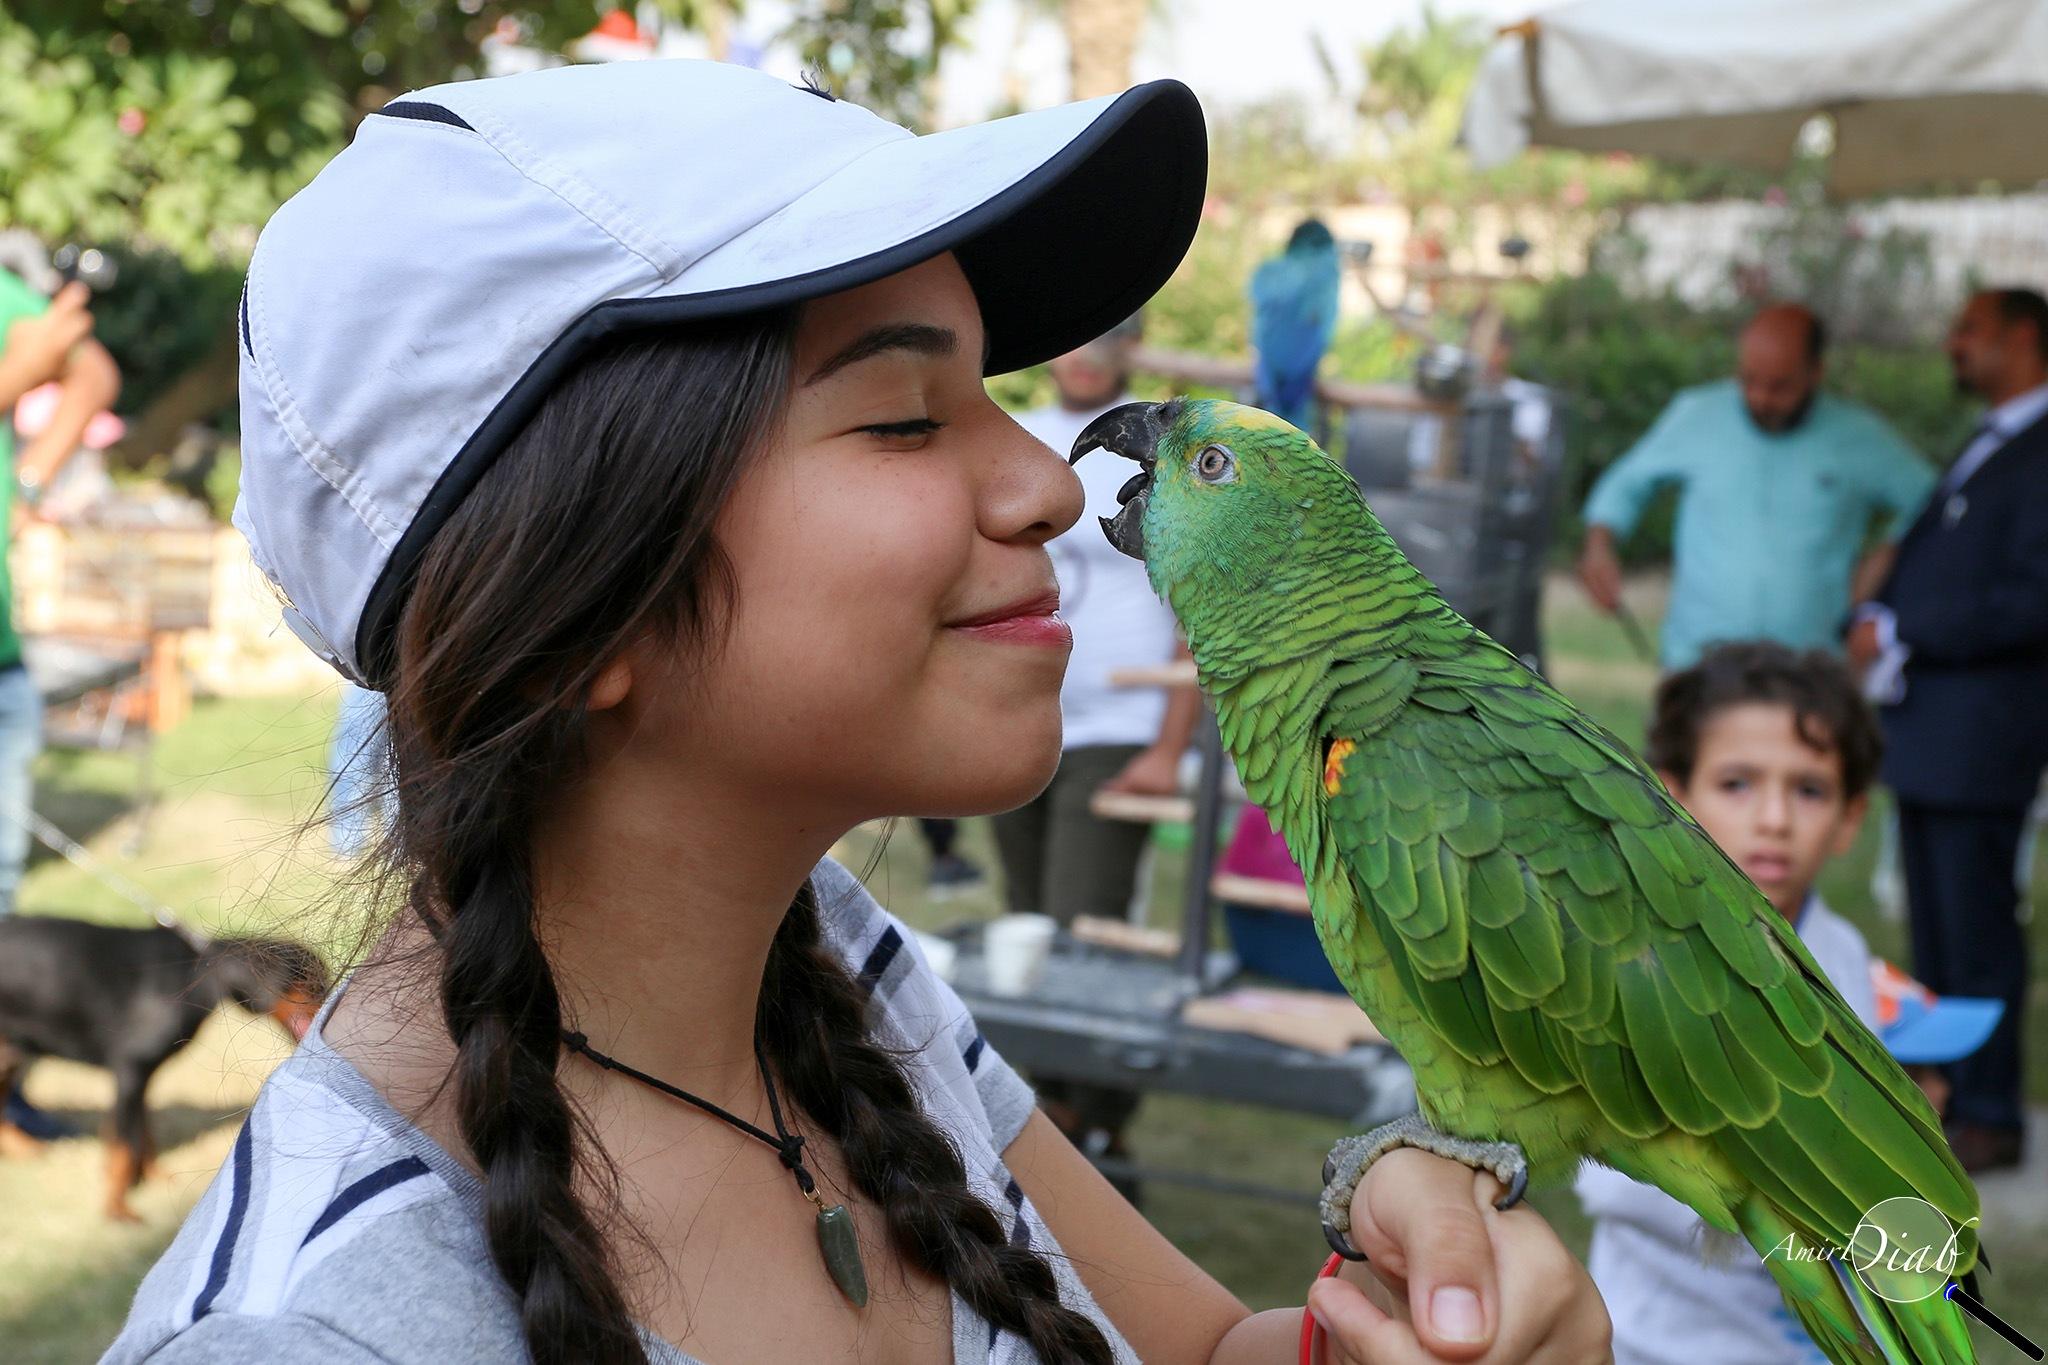 Parrote kiss by Amir Diab